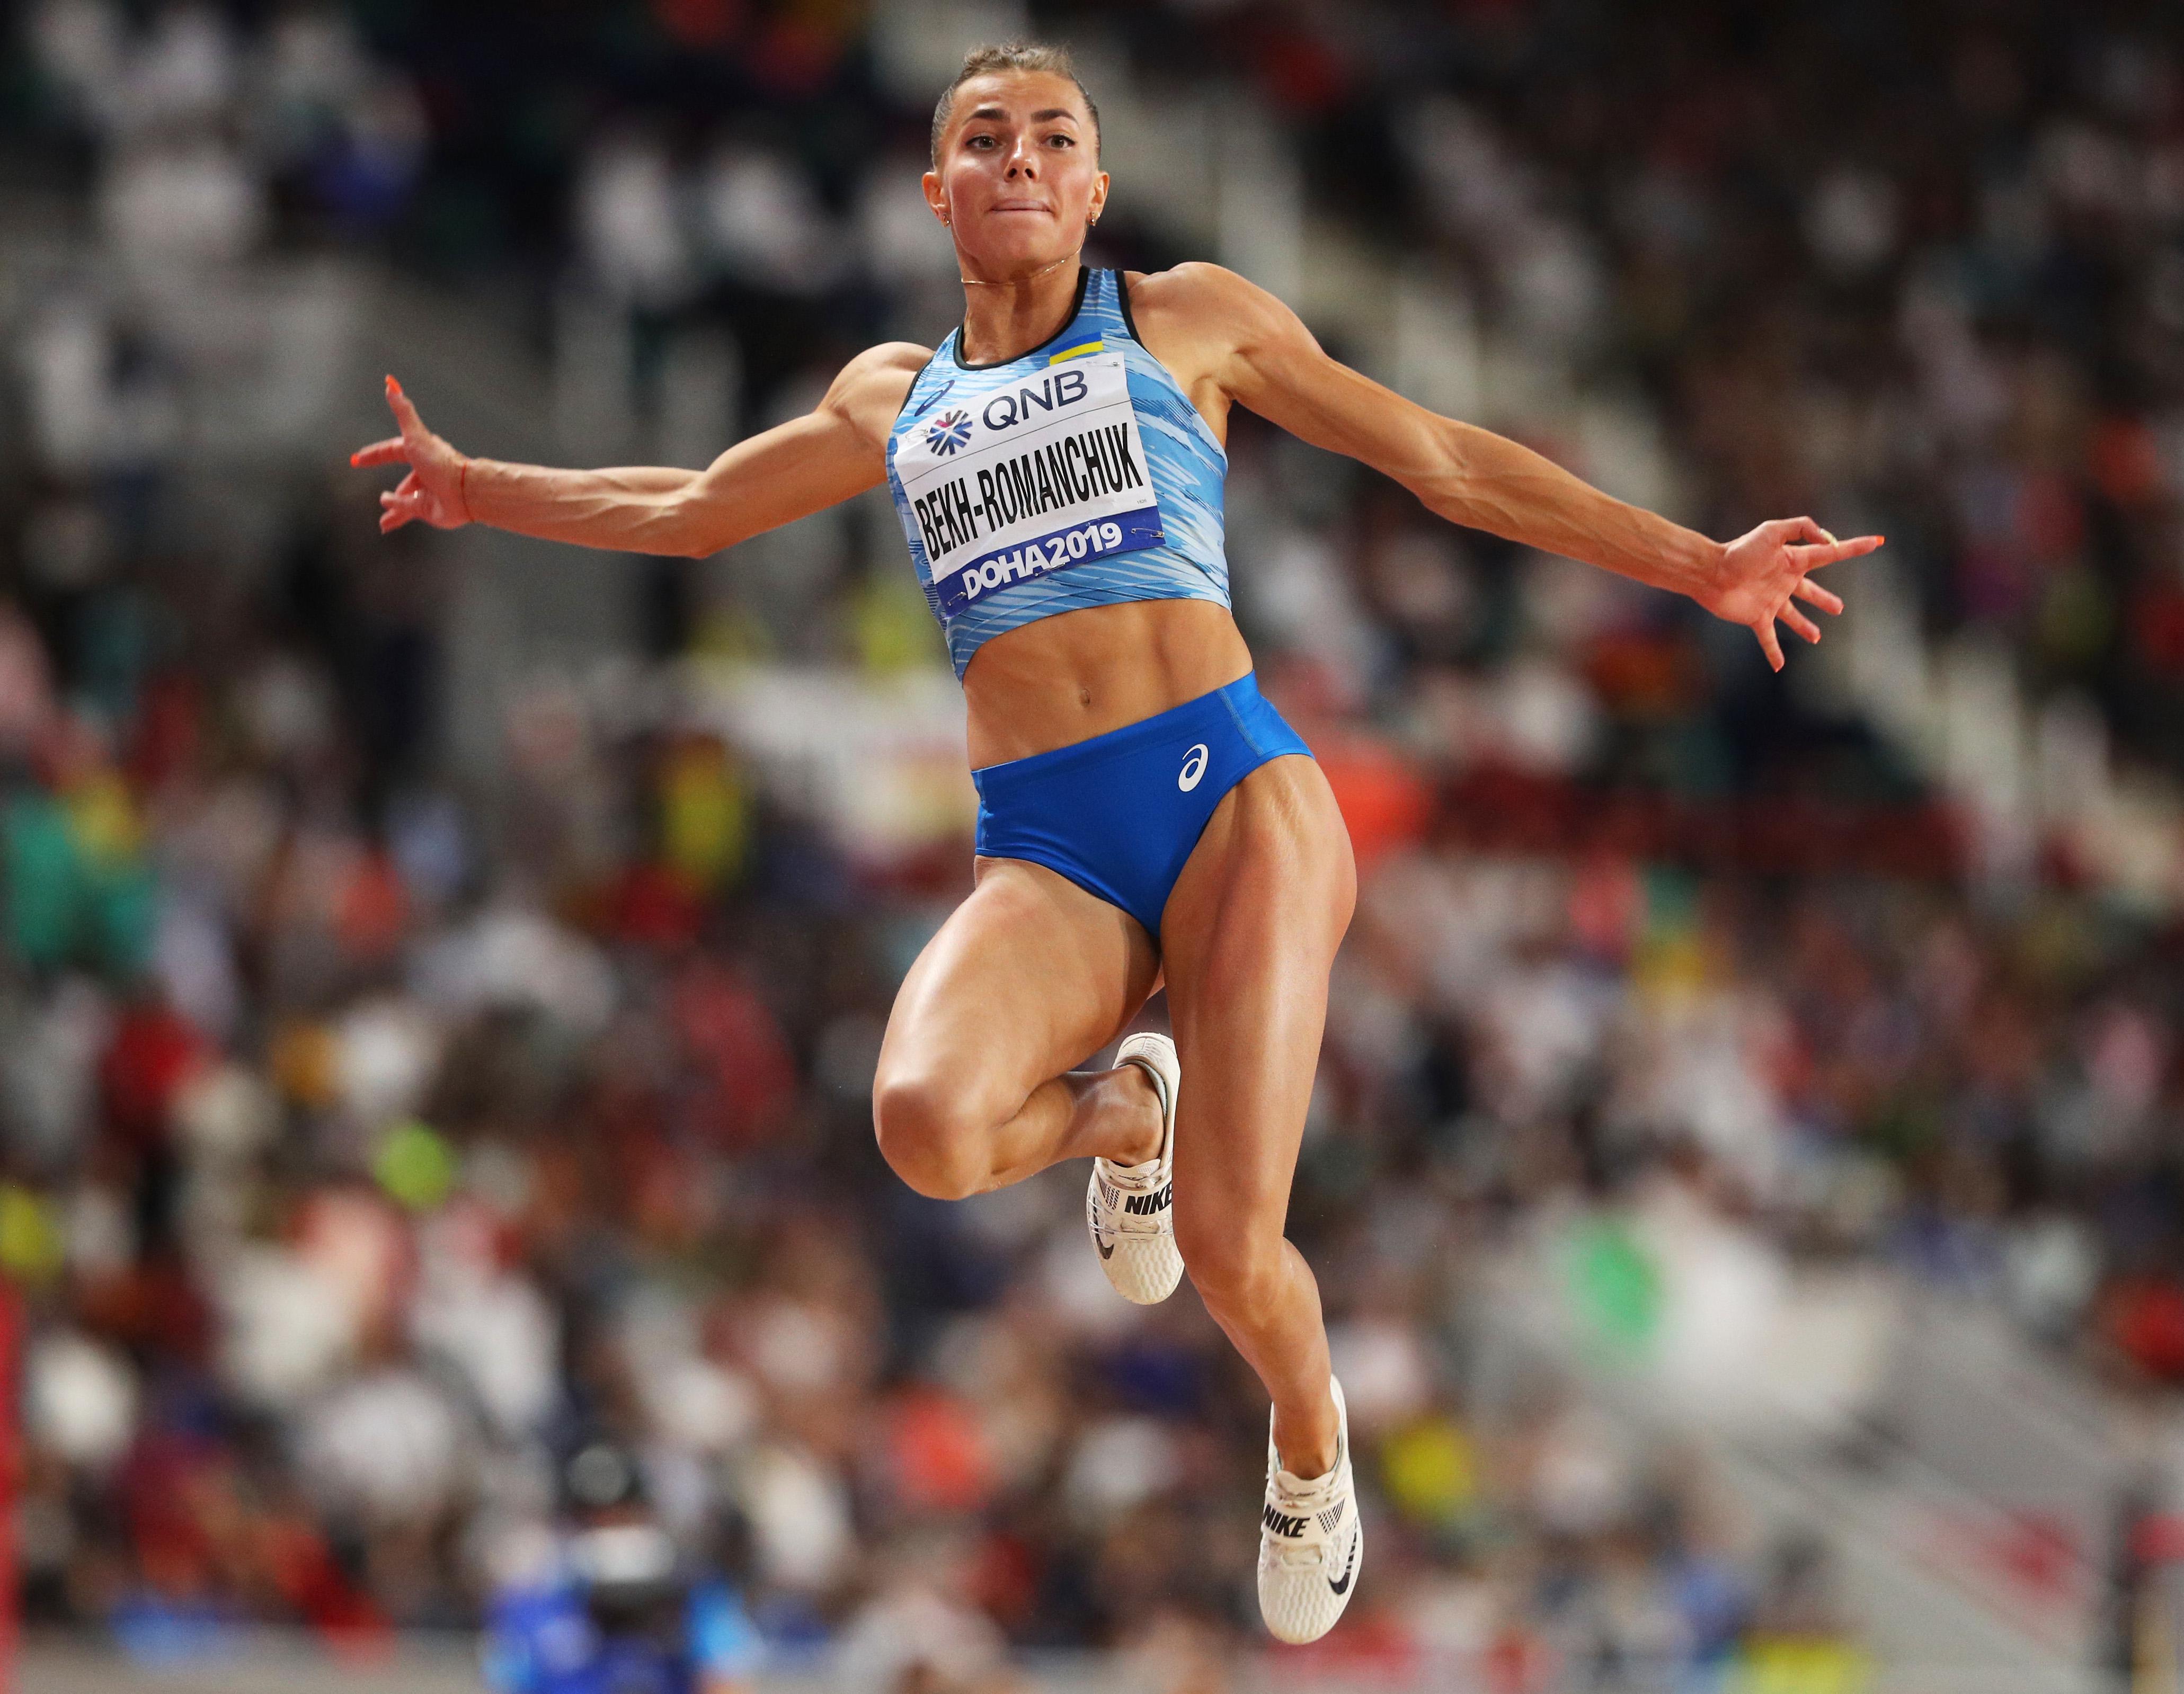 Марина Бех-Романчук (фото з відкритих джерел)